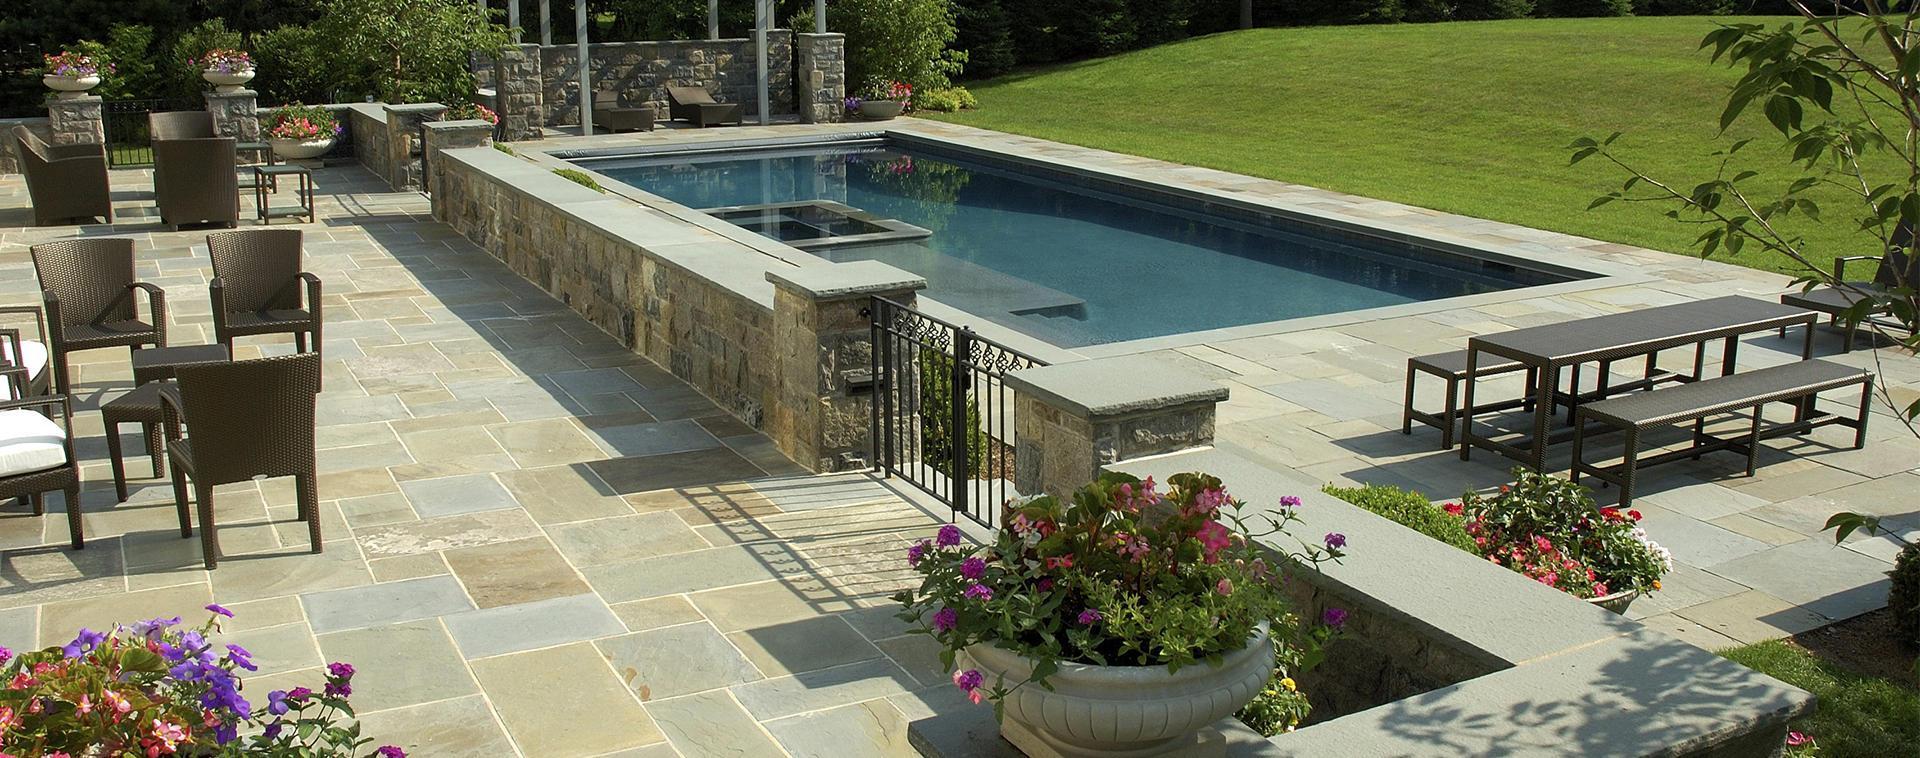 pavimento naturale in pietra con piscine